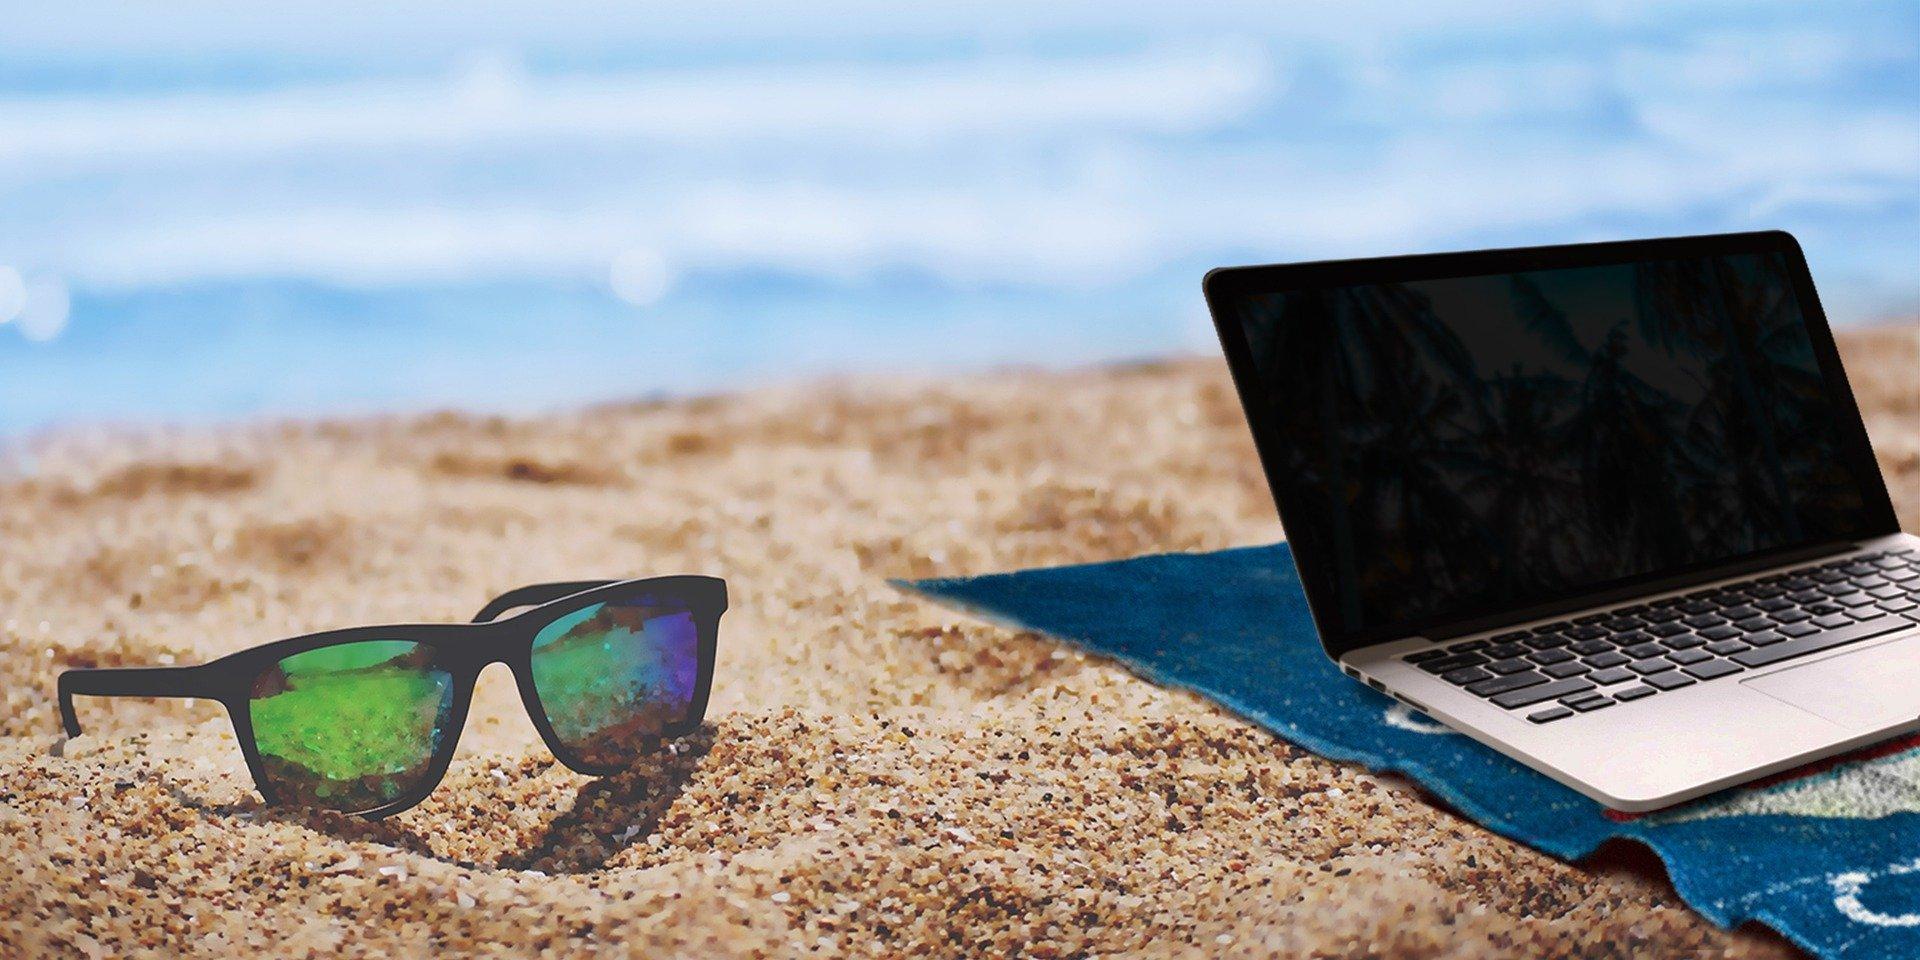 mobilt bredbånd mest populært om sommeren